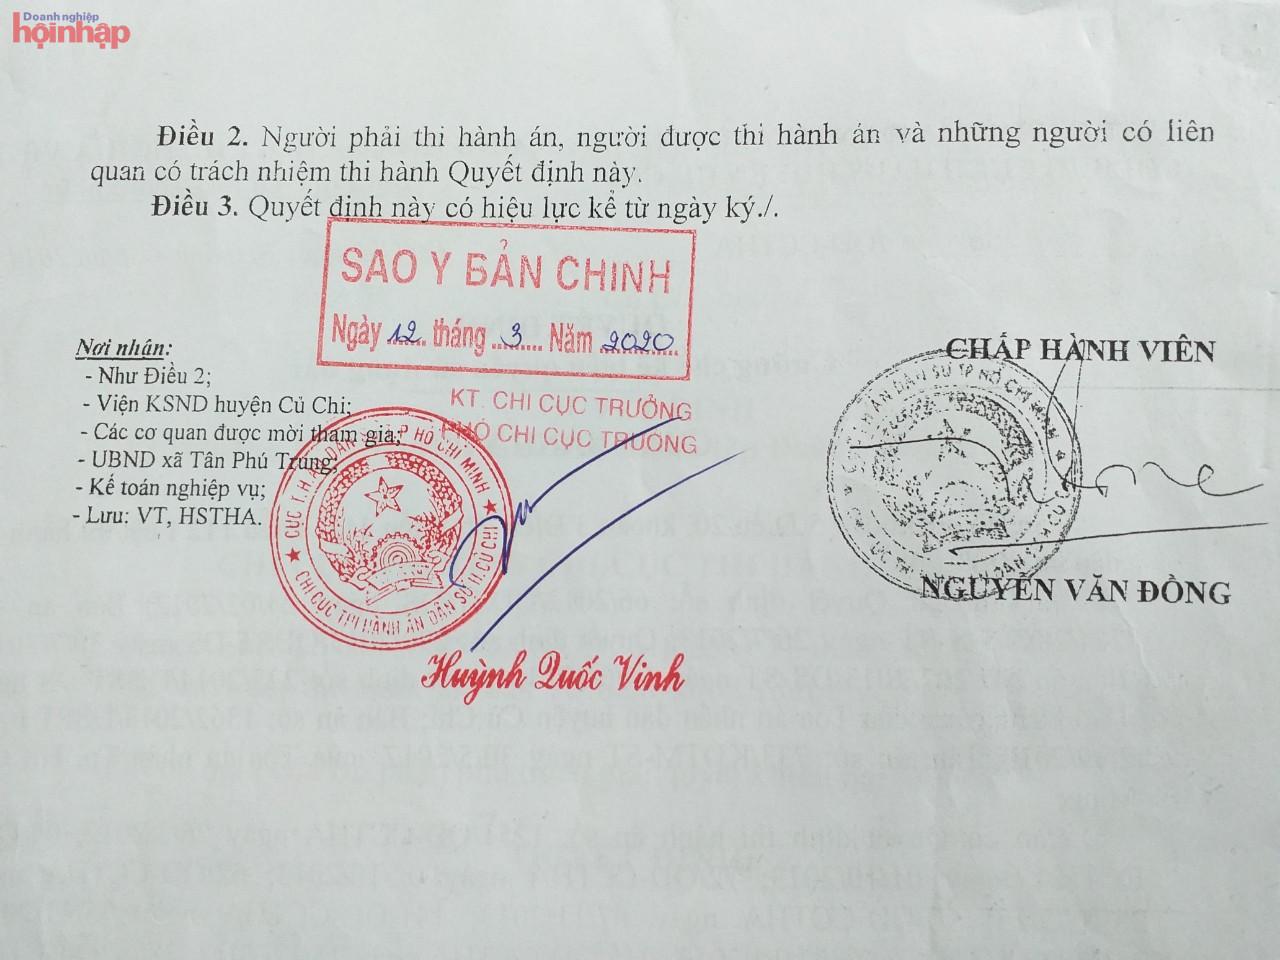 Quyết định cưỡng chế kê biên số 36/QĐ-CCTHA ngày 29/12/2014 của Chấp hành viên Chi cục Thi hành án Dân sự huyện Củ Chi